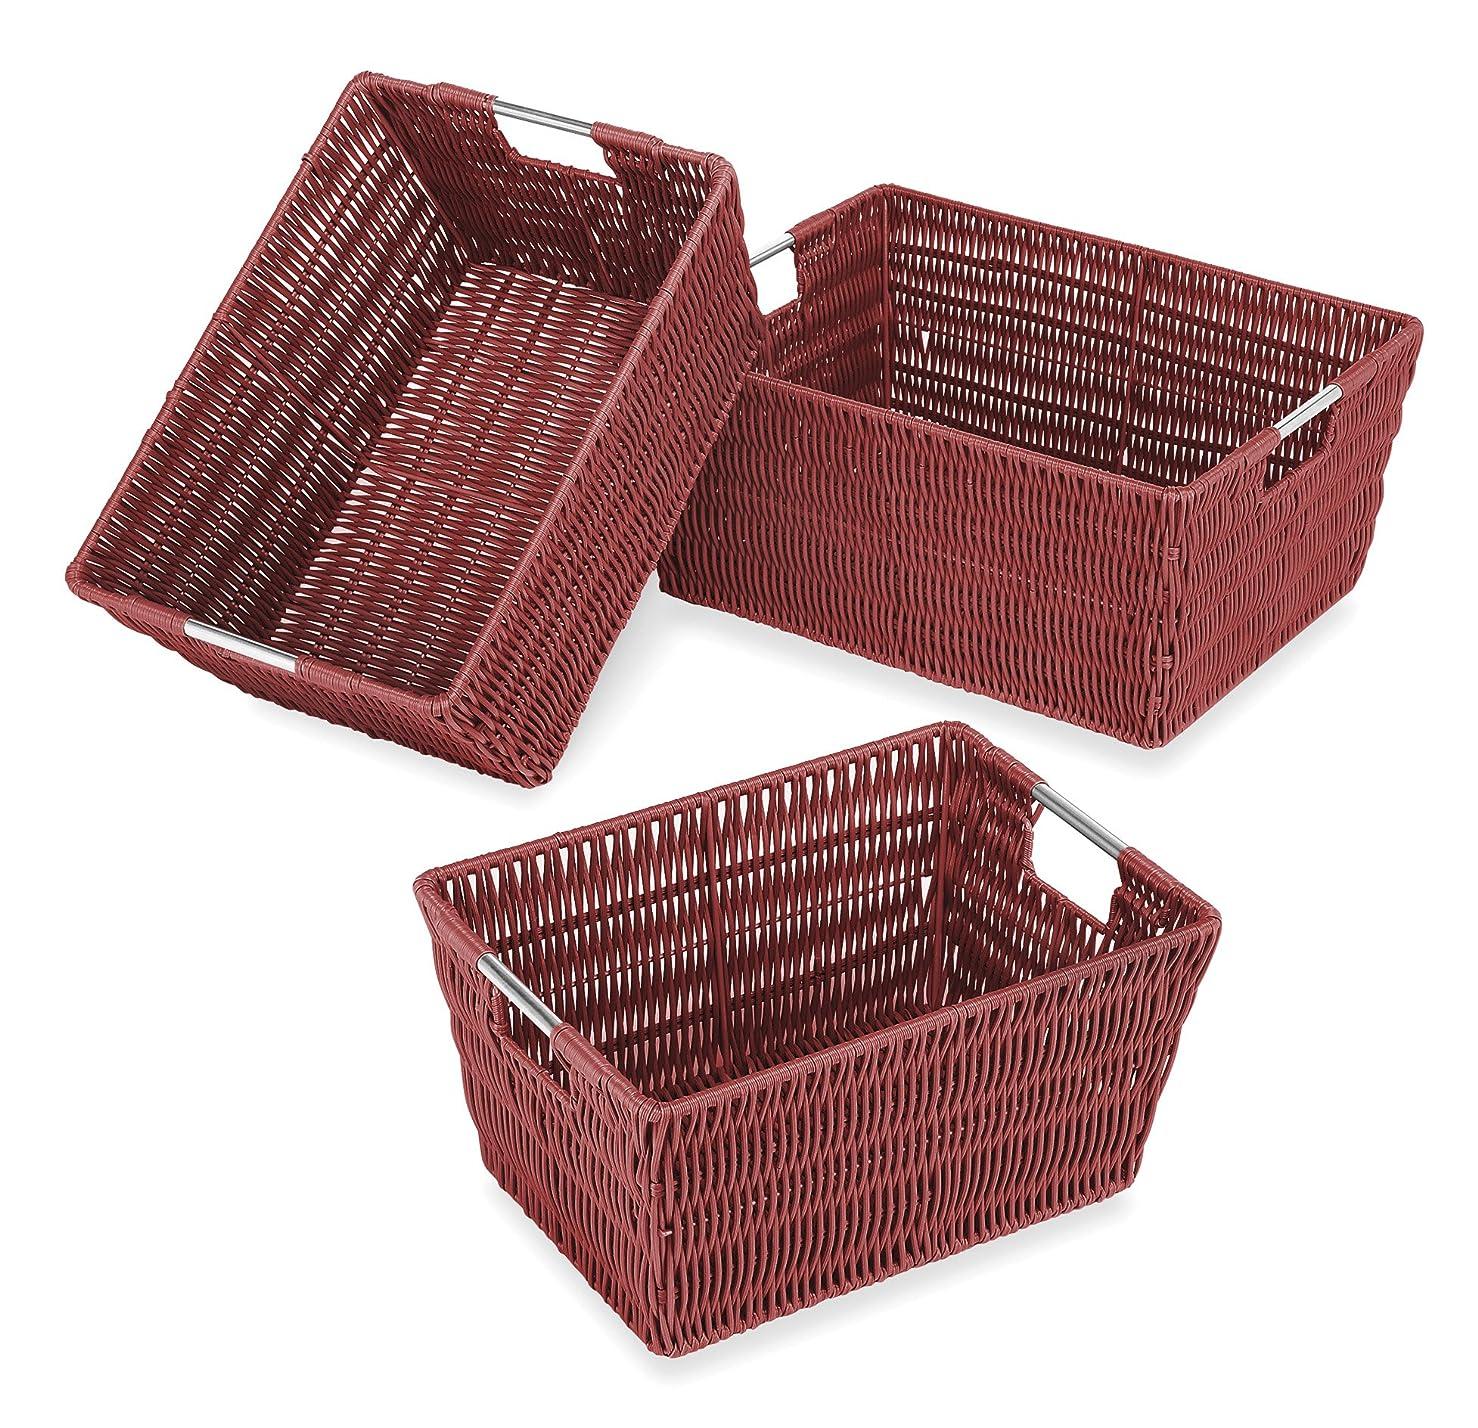 マディソン電極不幸Whitmor 6500-1959 Rattique Storage Baskets, Red, Set of 3 by Whitmor [並行輸入品]